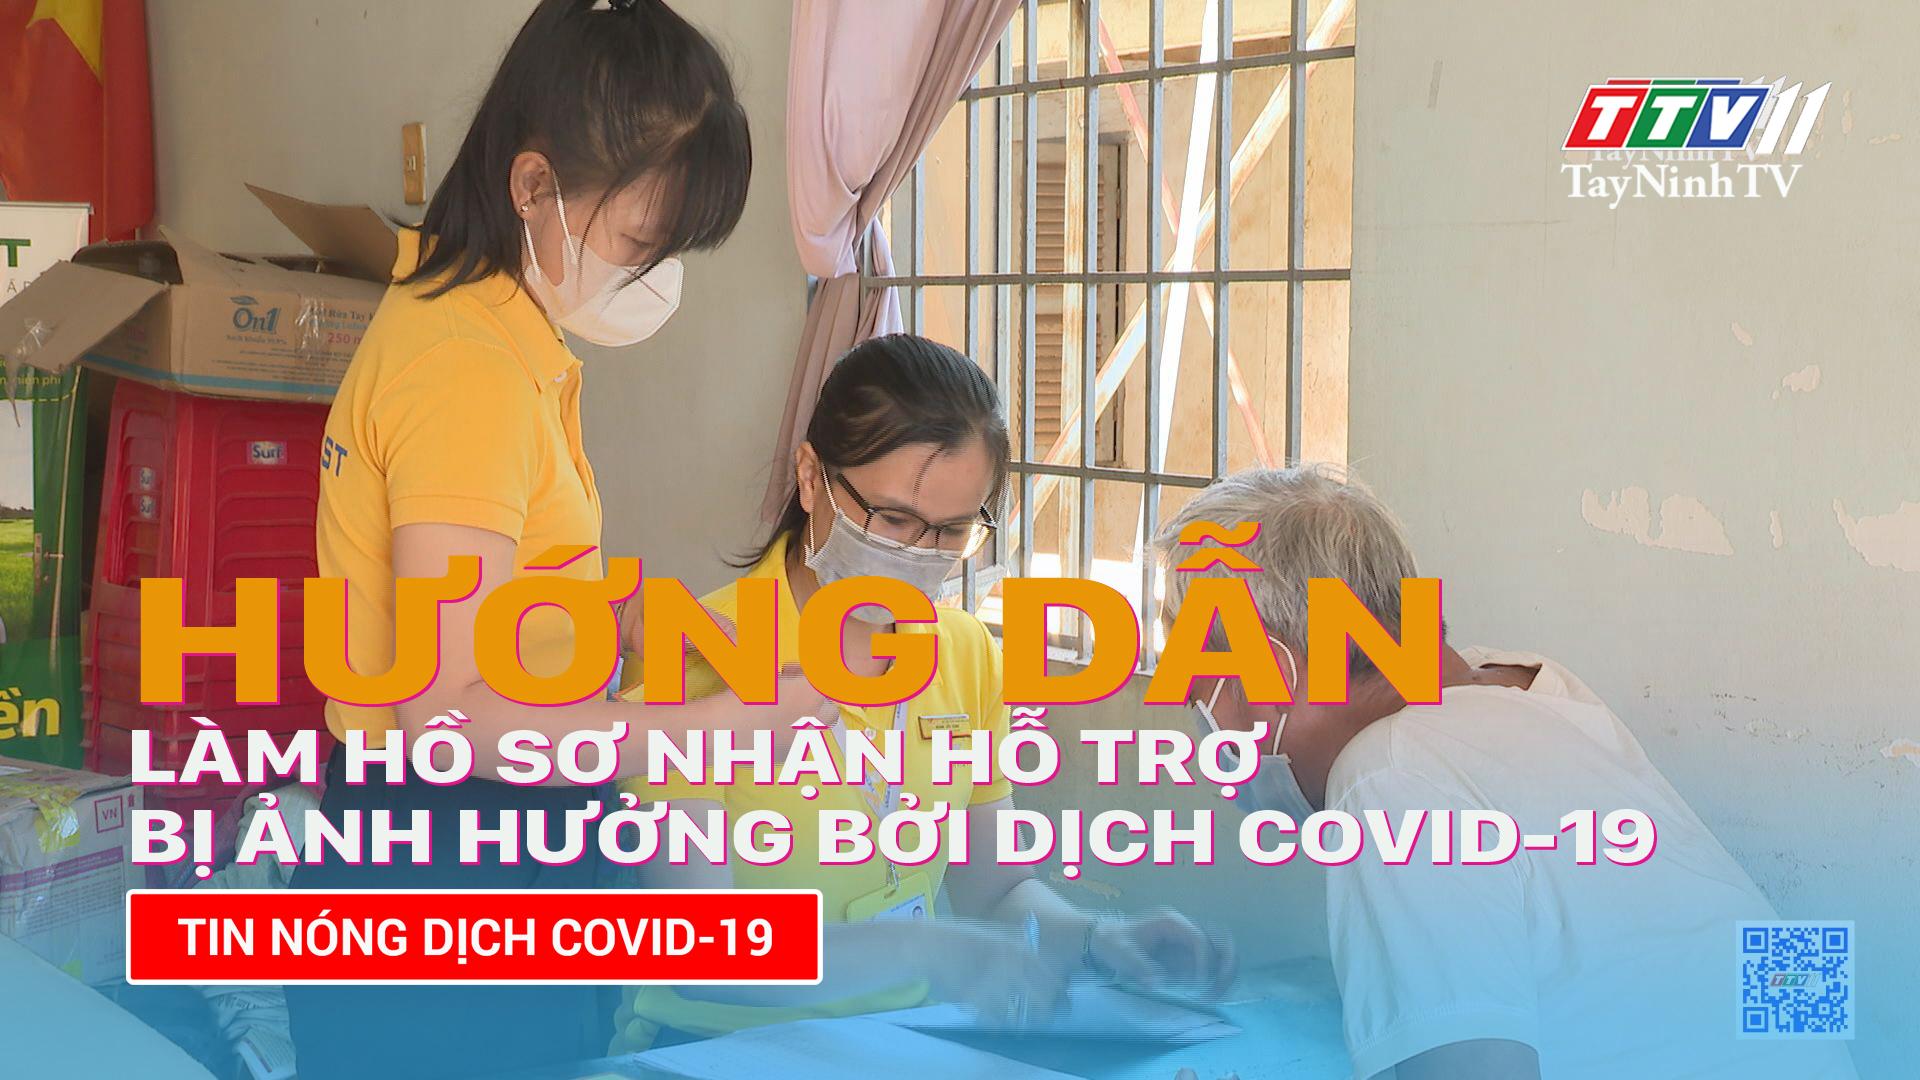 Cách thức chi trả lương hưu và BHXH trong khu cách ly | HỘP THƯ TRUYỀN HÌNH | TayNinhTV